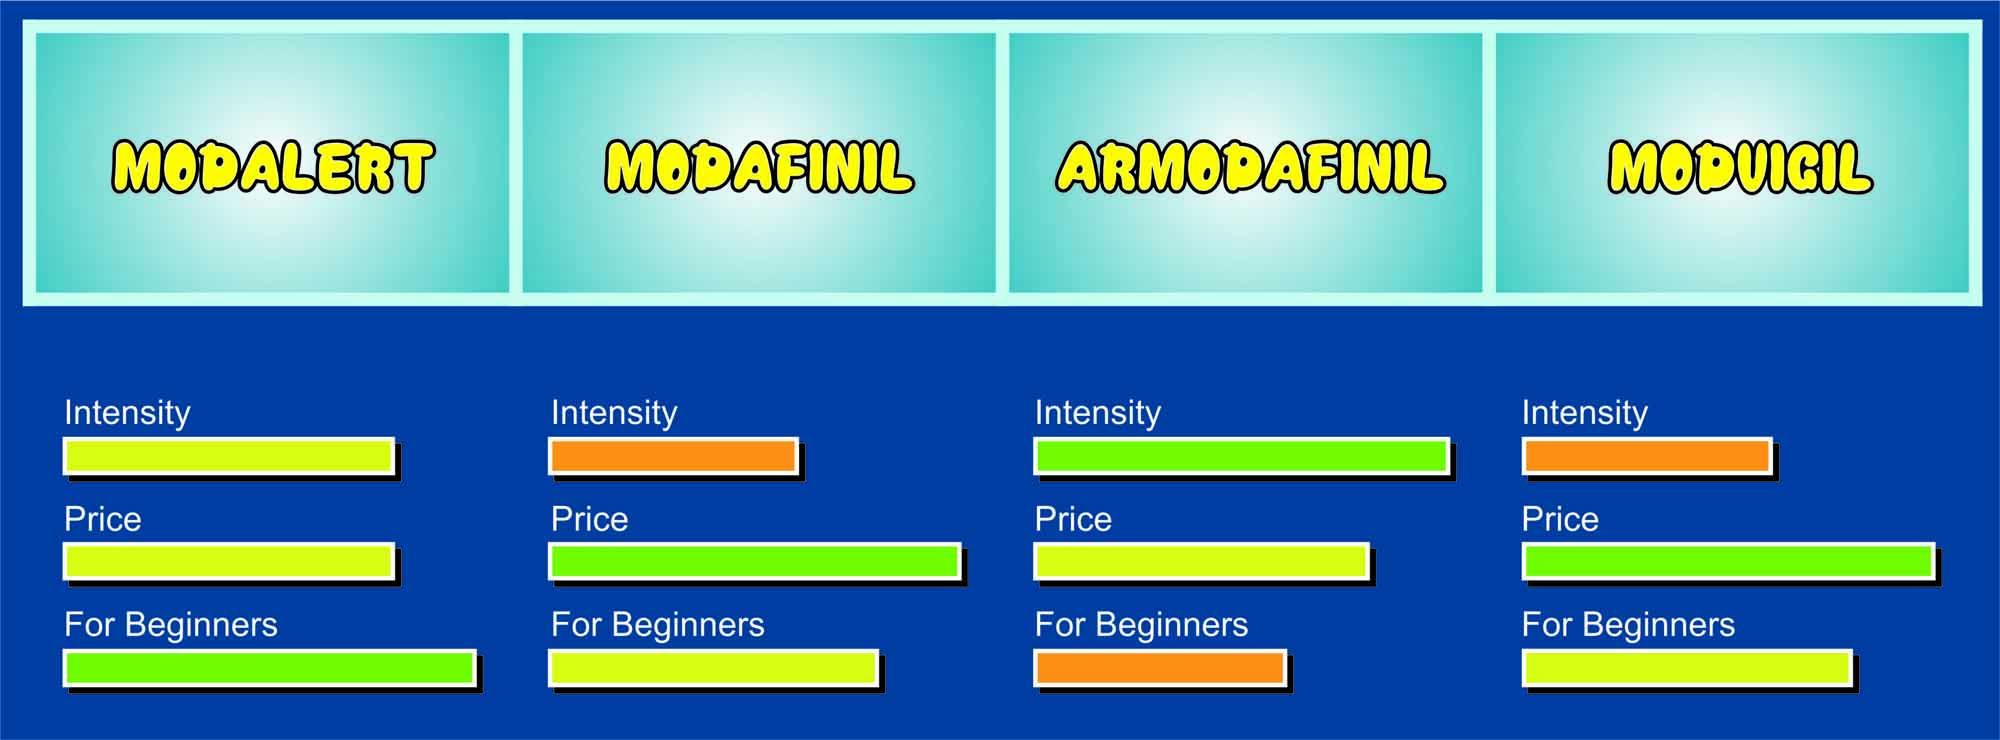 Compare Modafinil vs Armodafinil vs Modalert vs Modvigil